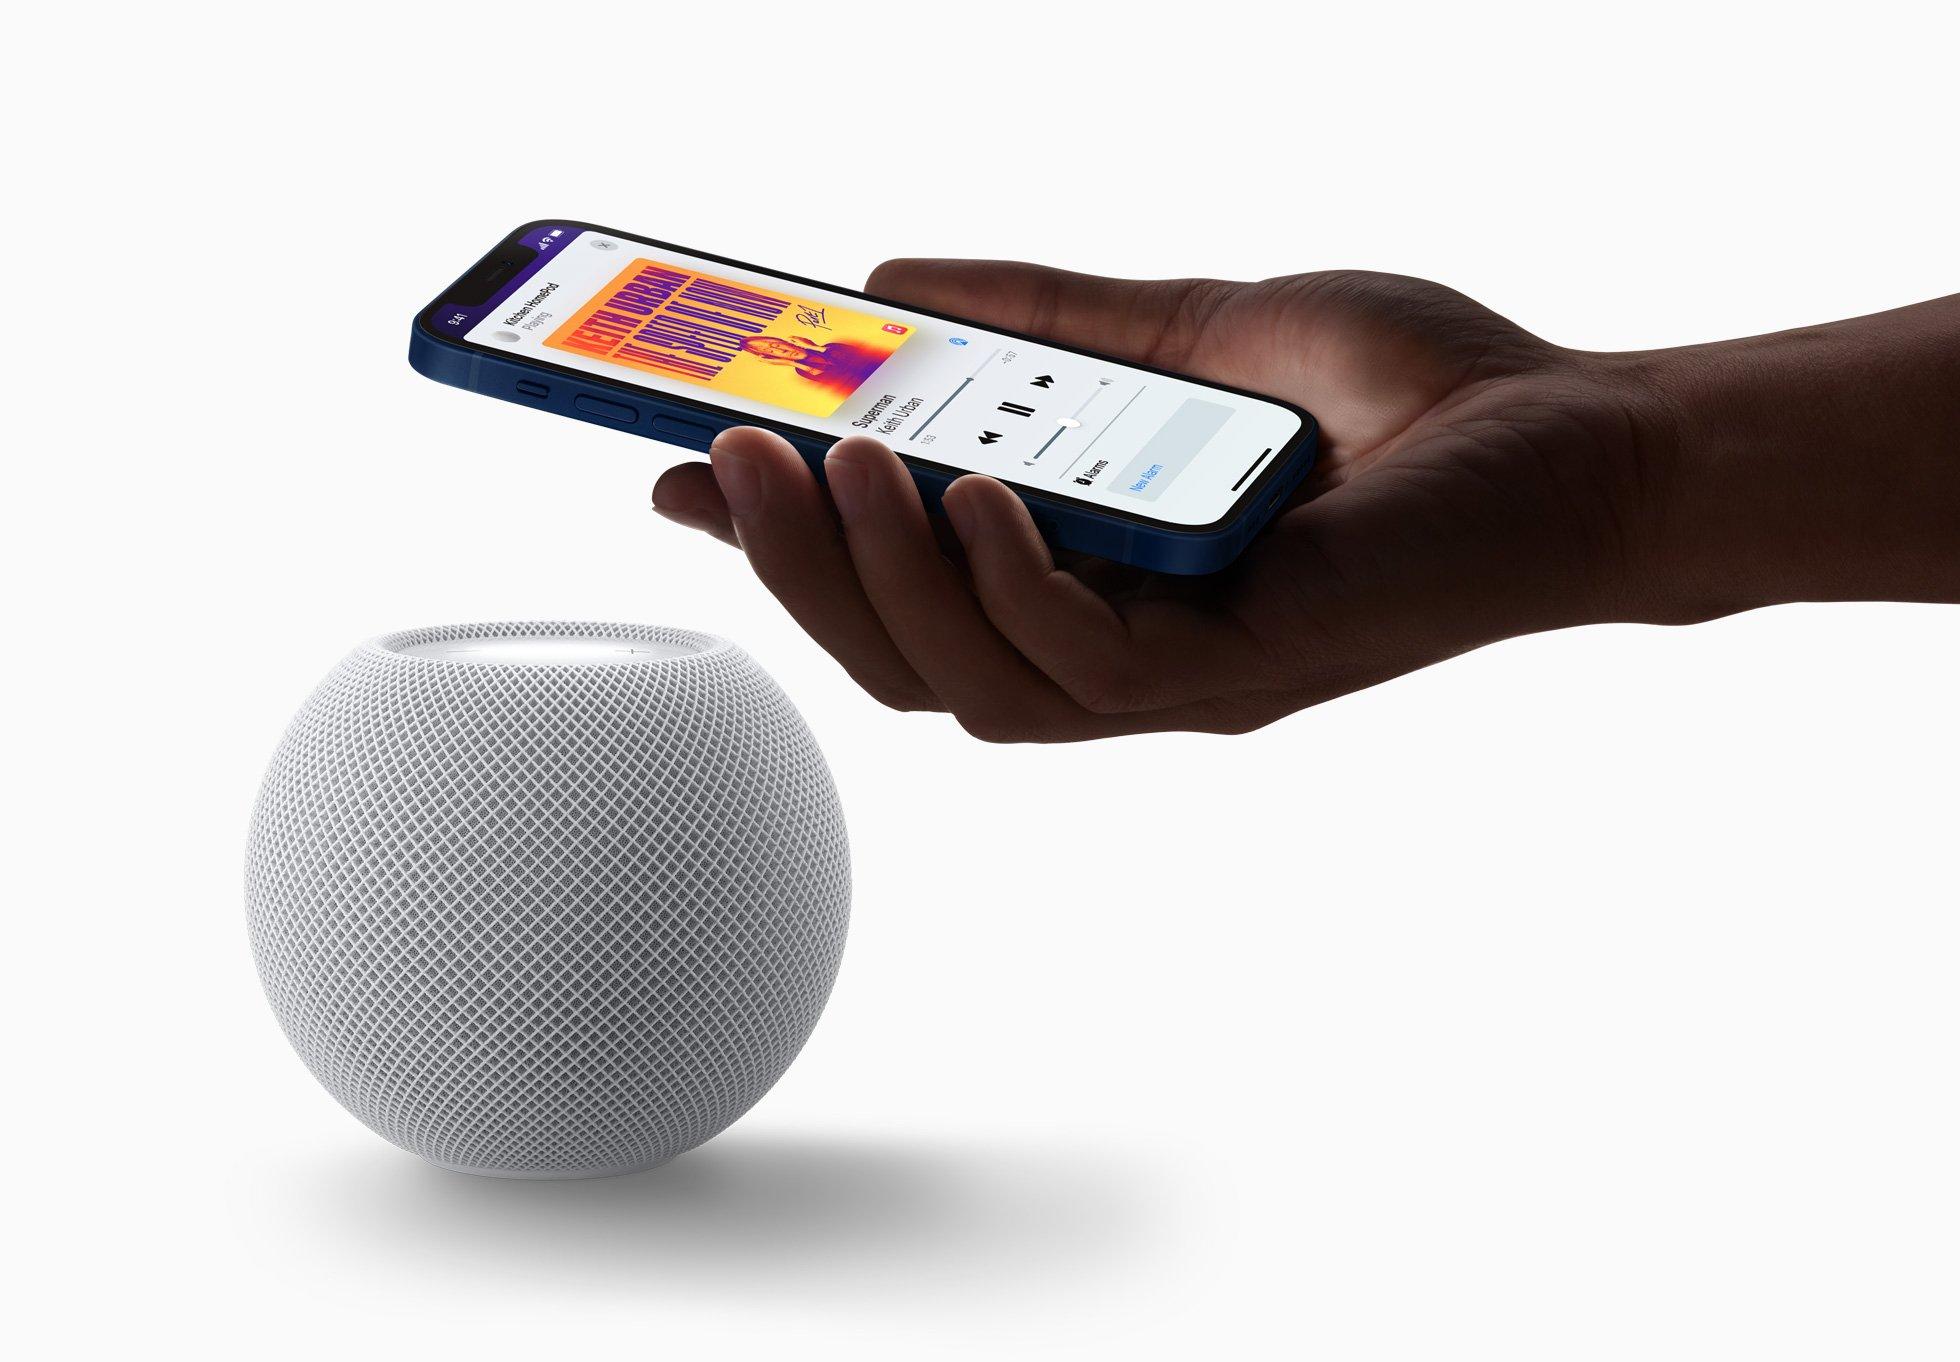 هوم پاد مینی اپل با قیمتی ارزانتر از قبل معرفی شد